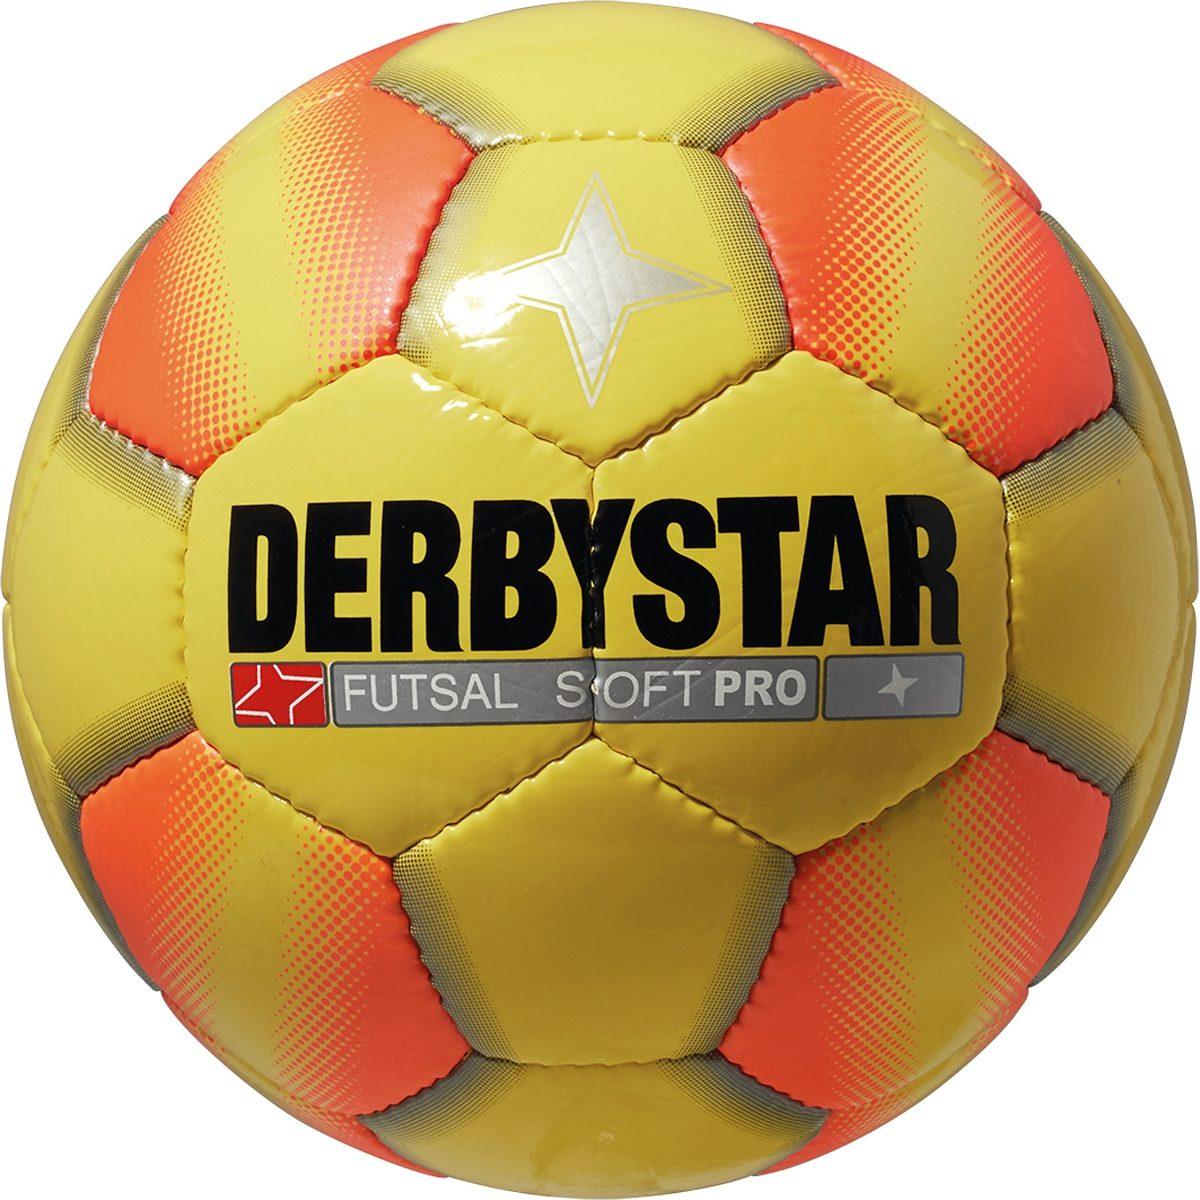 DERBYSTAR Futsal Soft Pro Fußball